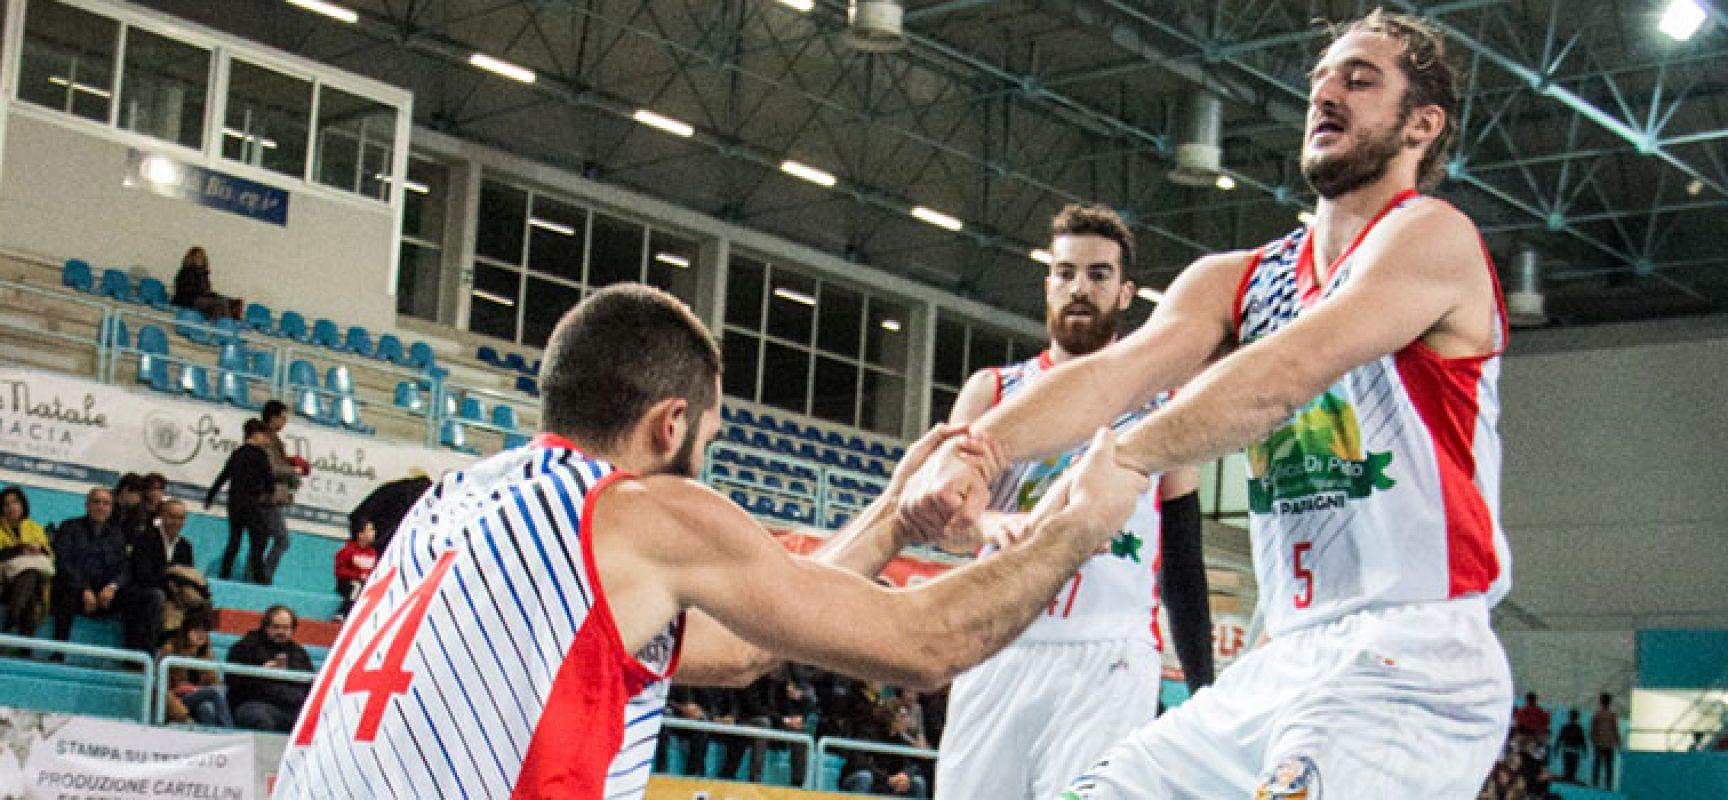 Basket, Di Pinto Panifici in cerca della terza vittoria consecutiva a Perugia